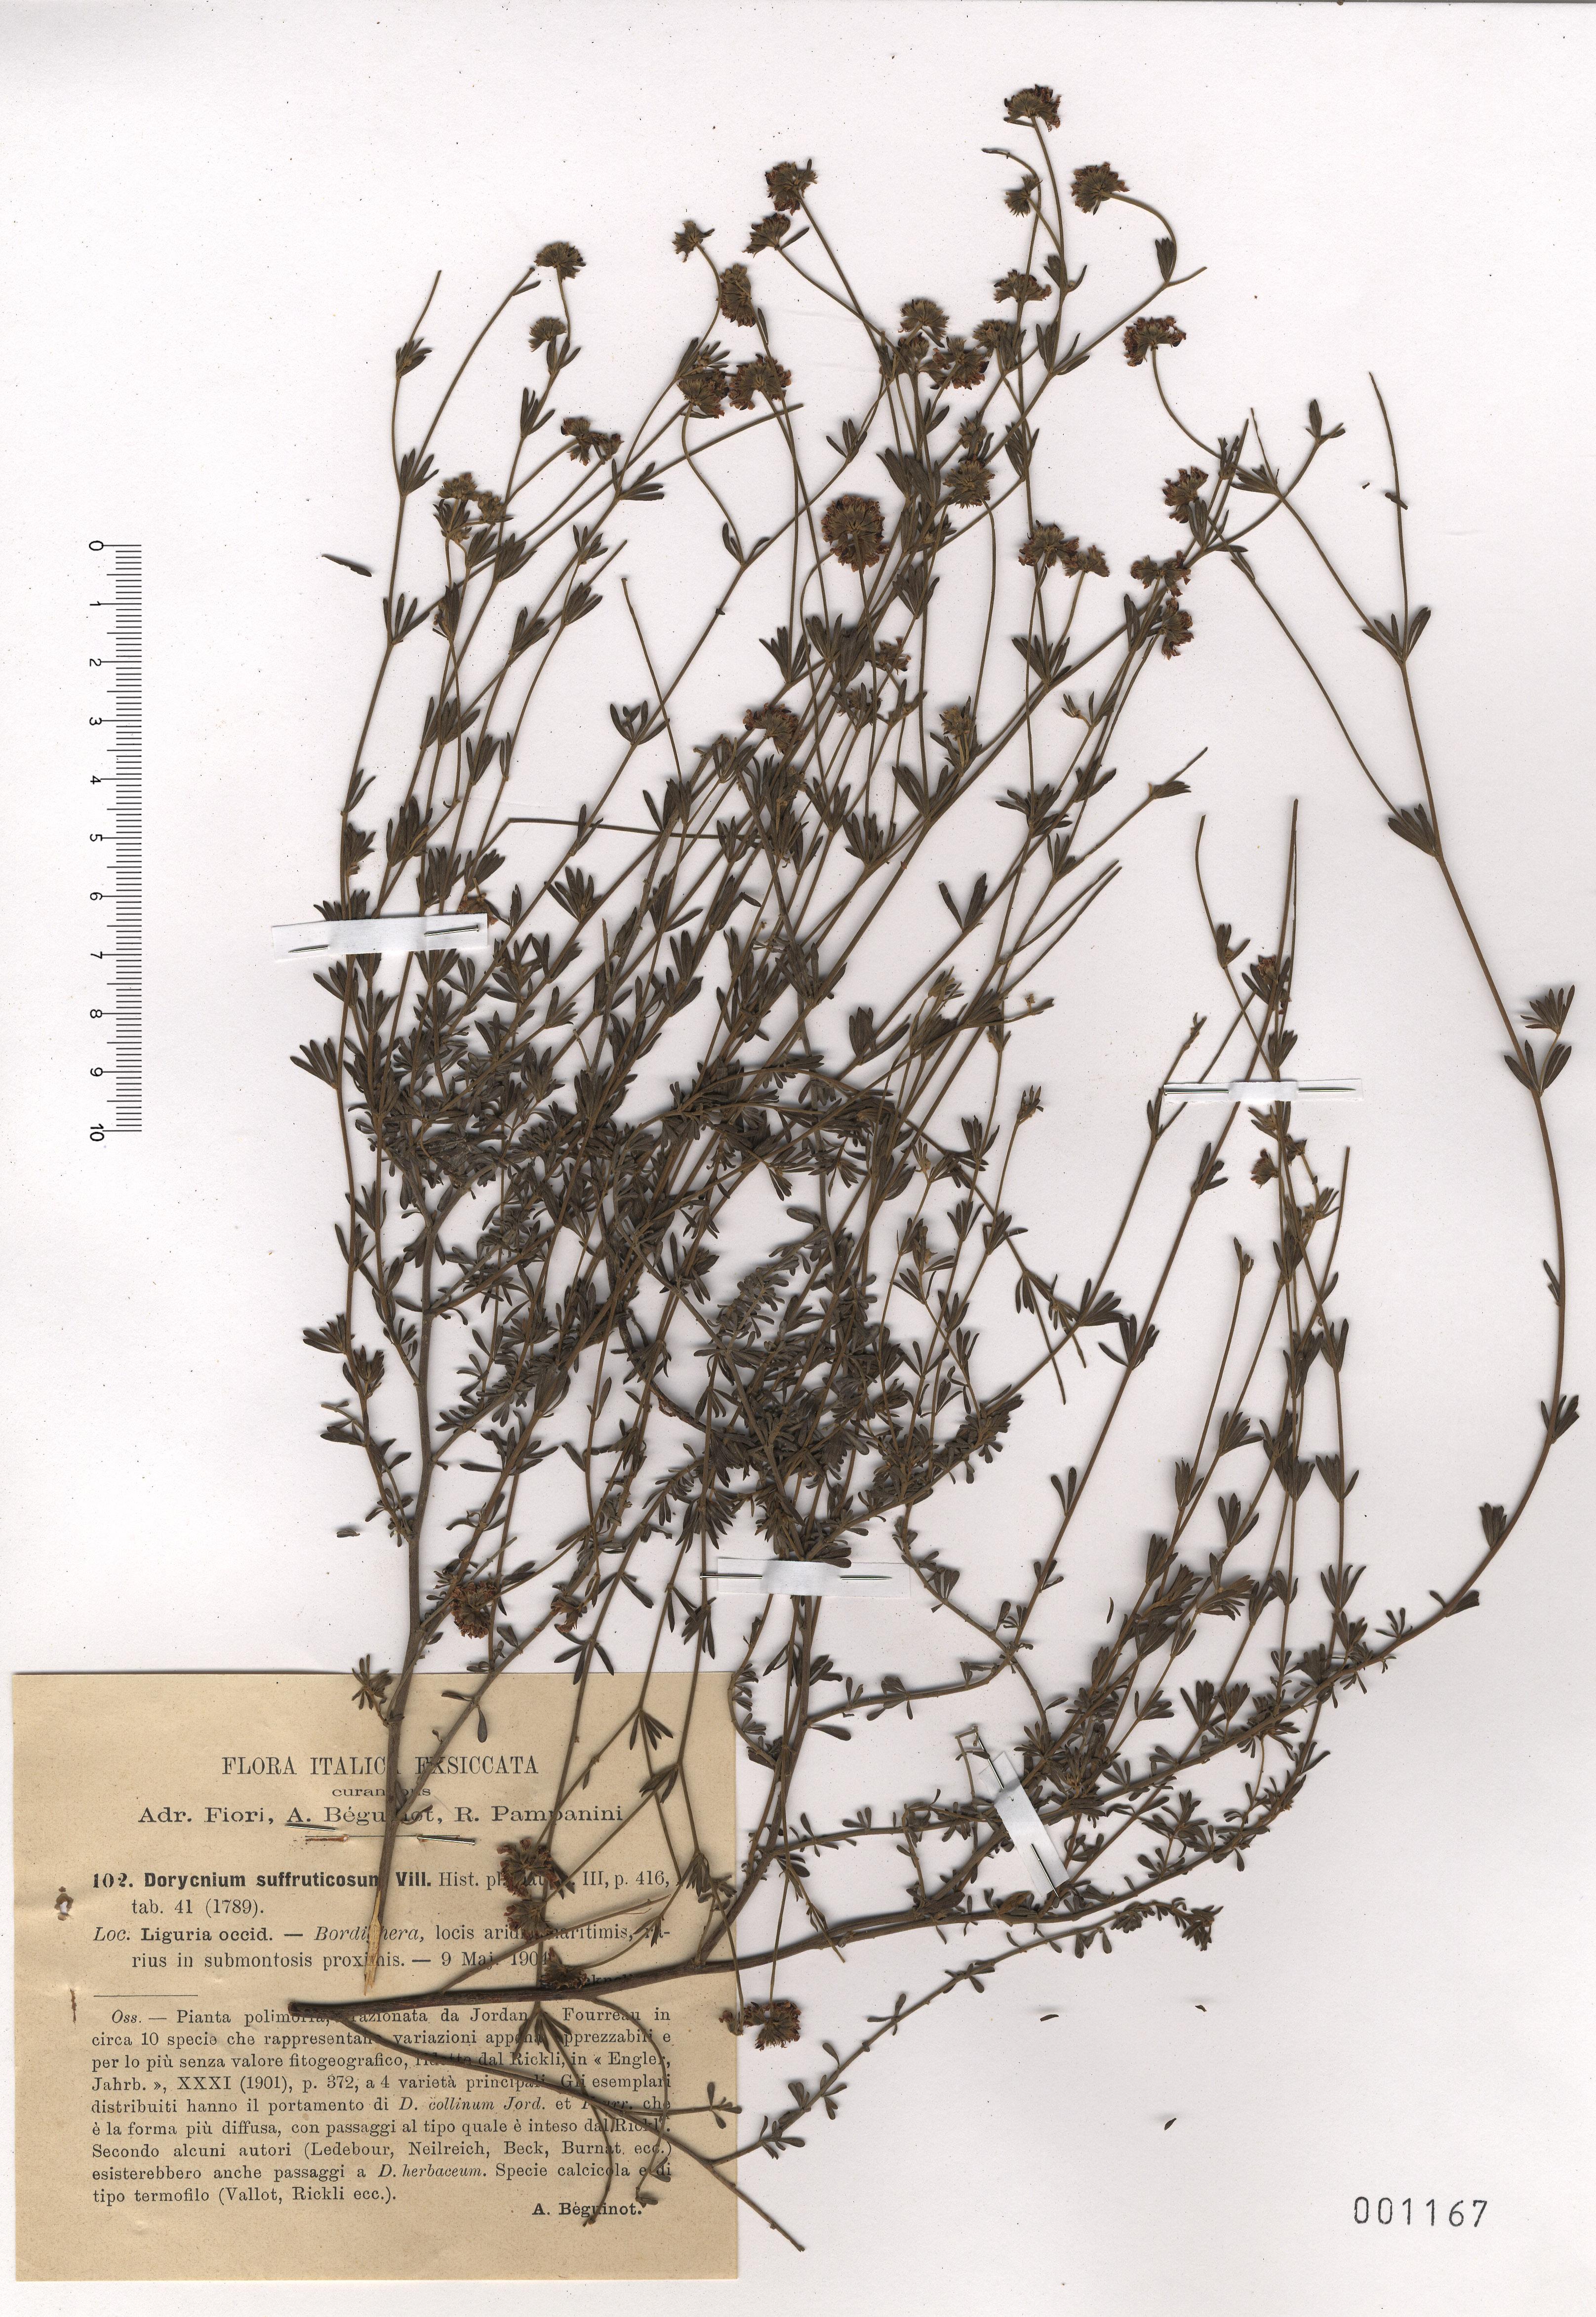 &copy; Hortus Botanicus Catinensis - Herb. sheet  001167<br>